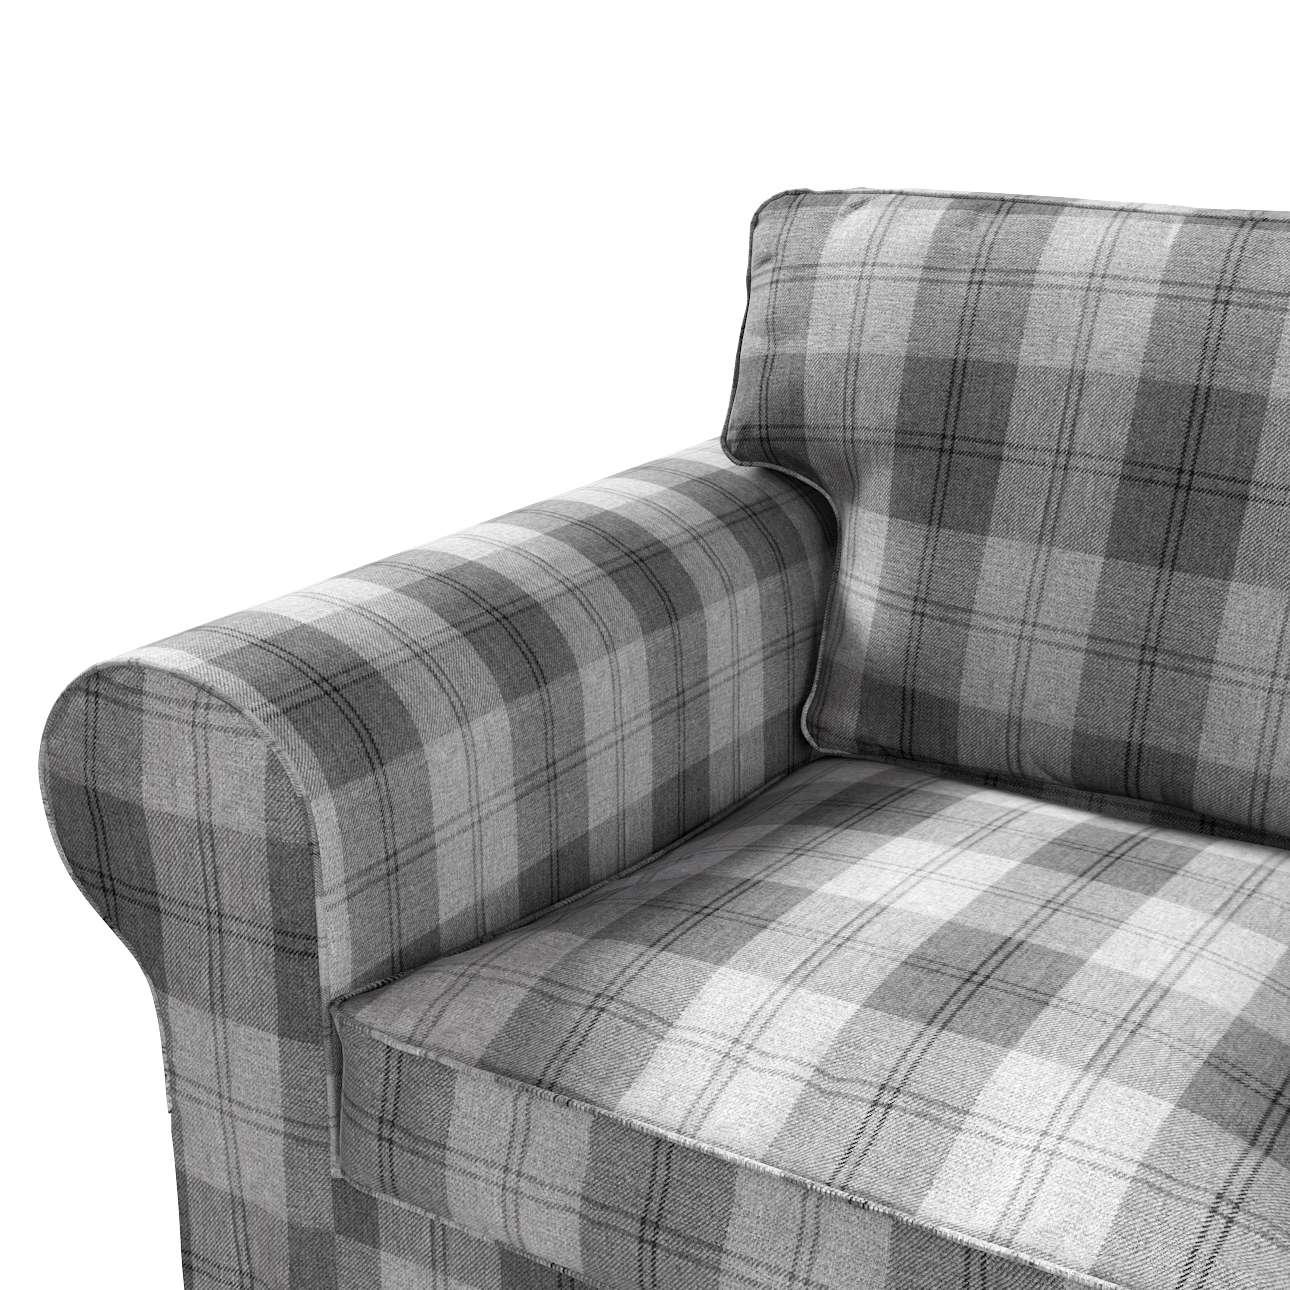 Pokrowiec na sofę Ektorp 2-osobową, nierozkładaną w kolekcji Edinburgh, tkanina: 115-75